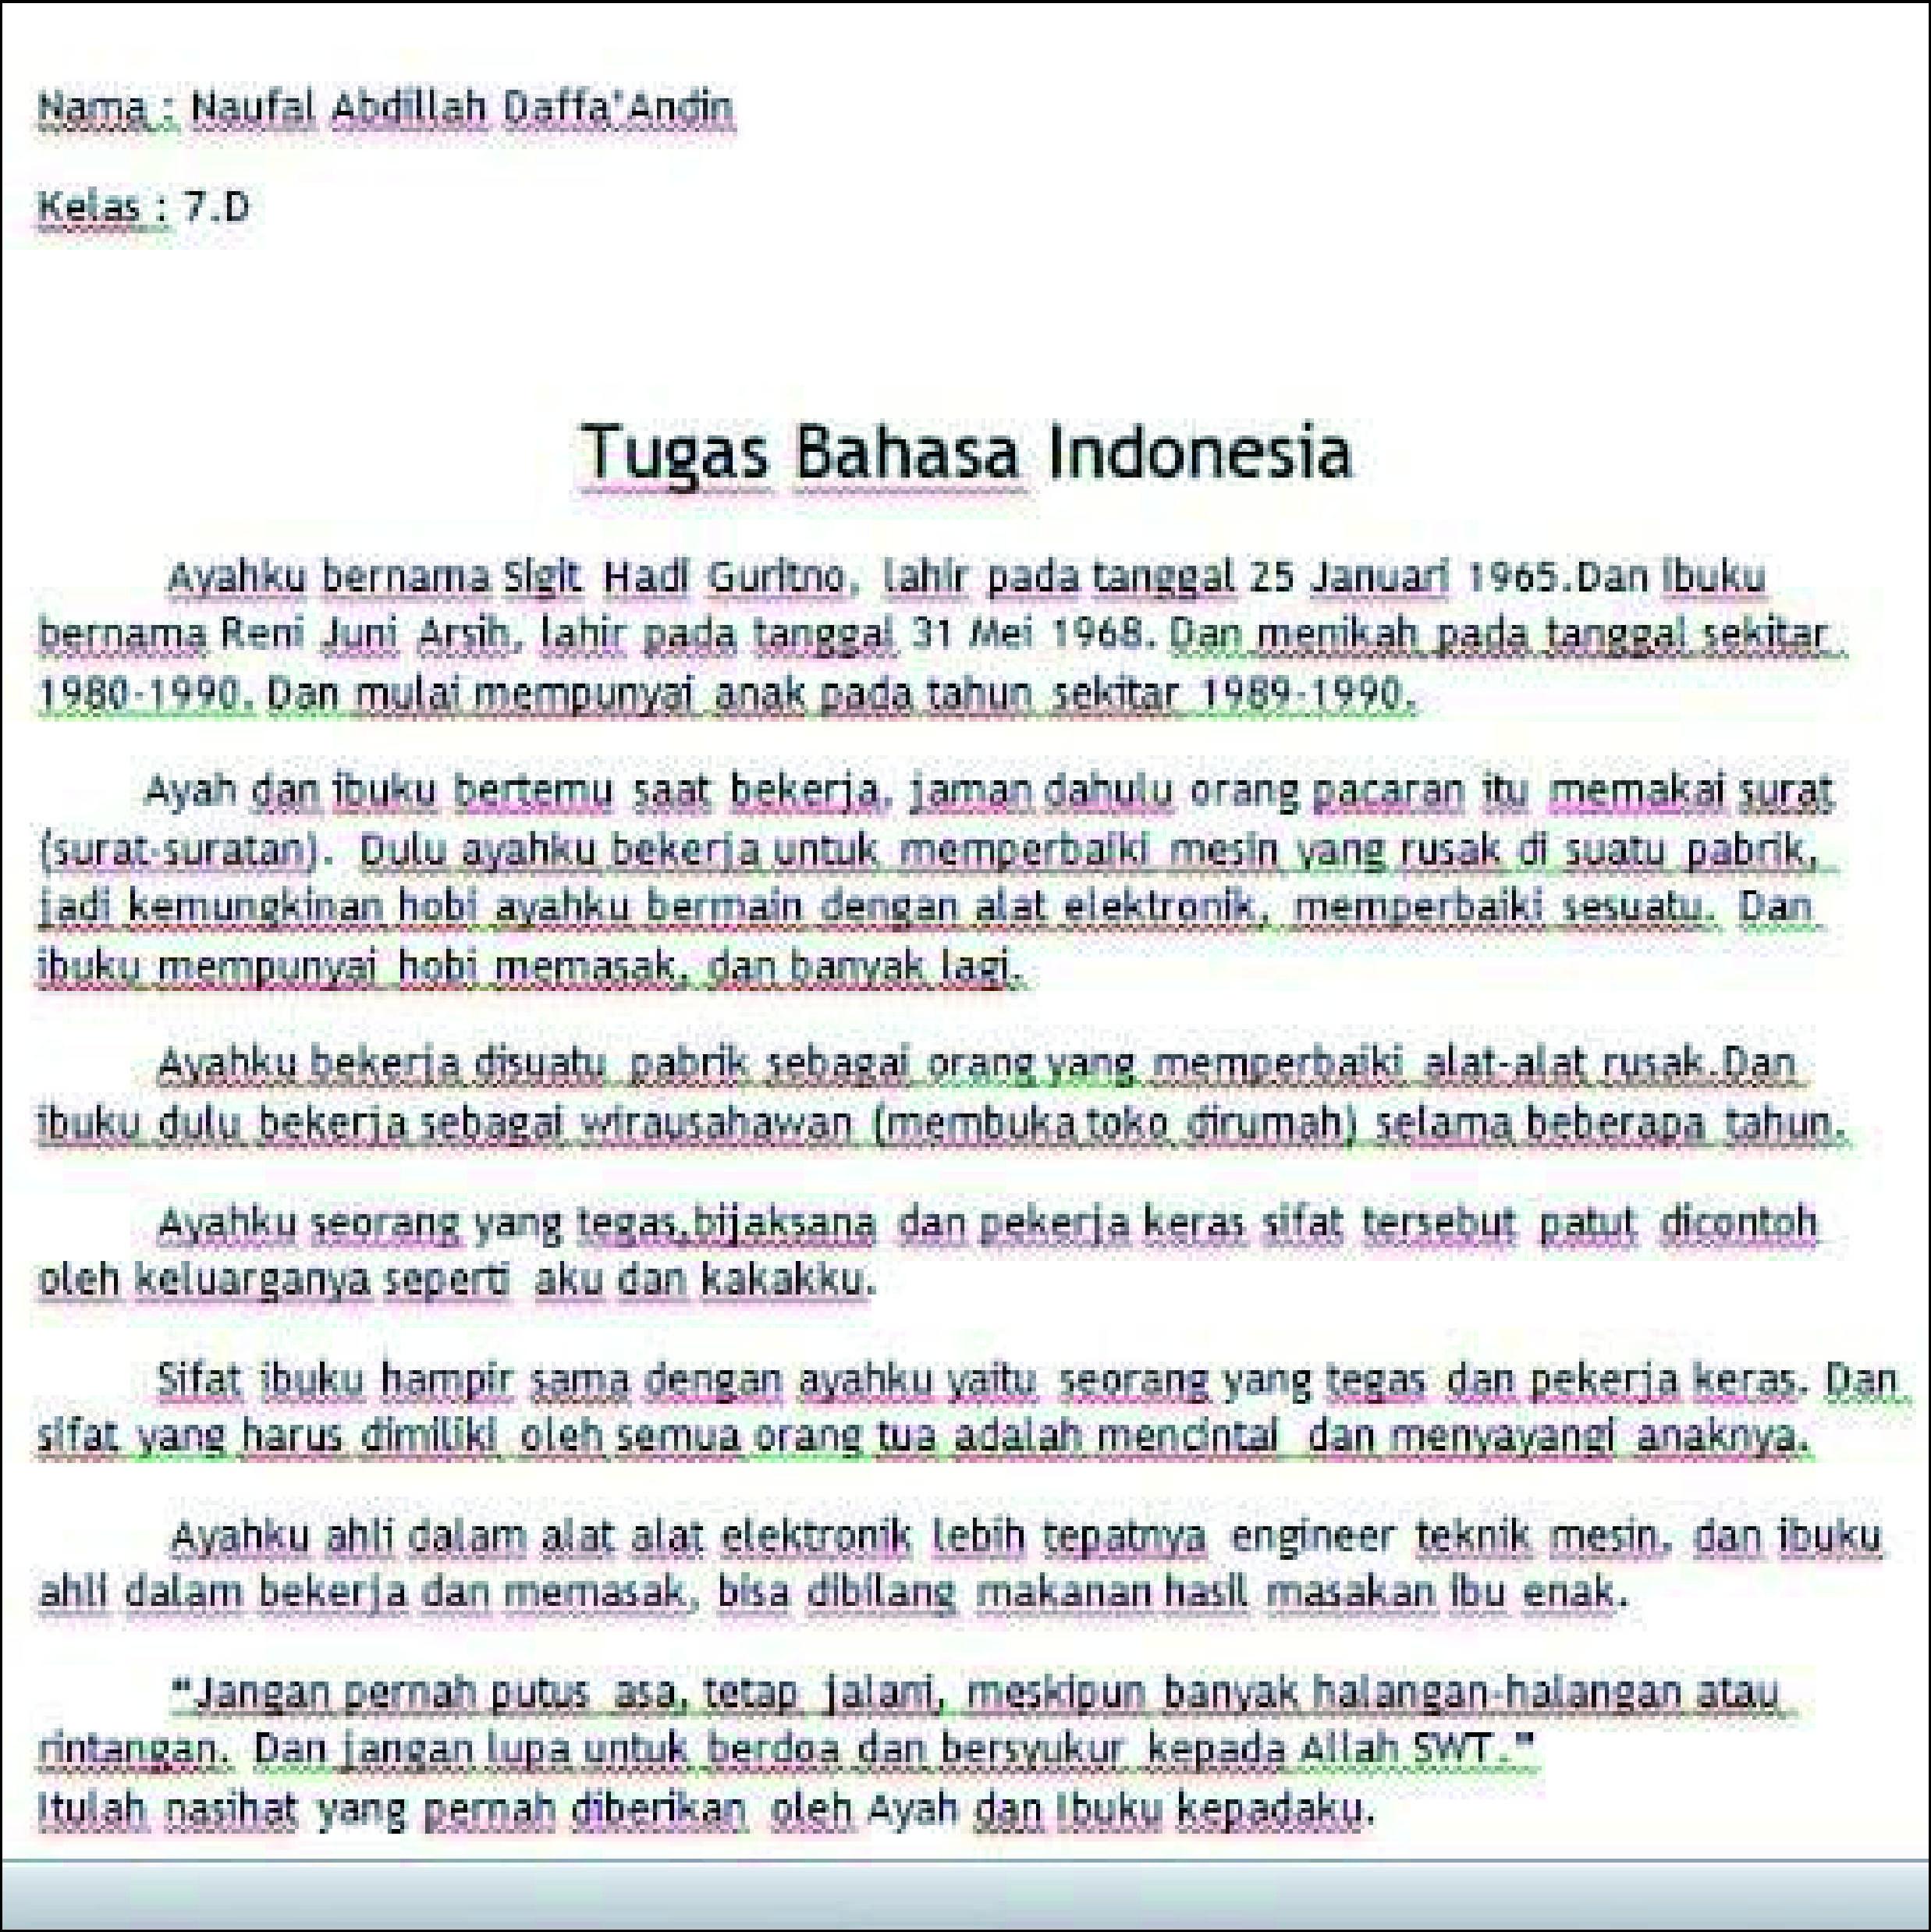 Tugas Bahasa Indonesia Cerita tentang Orang Tua